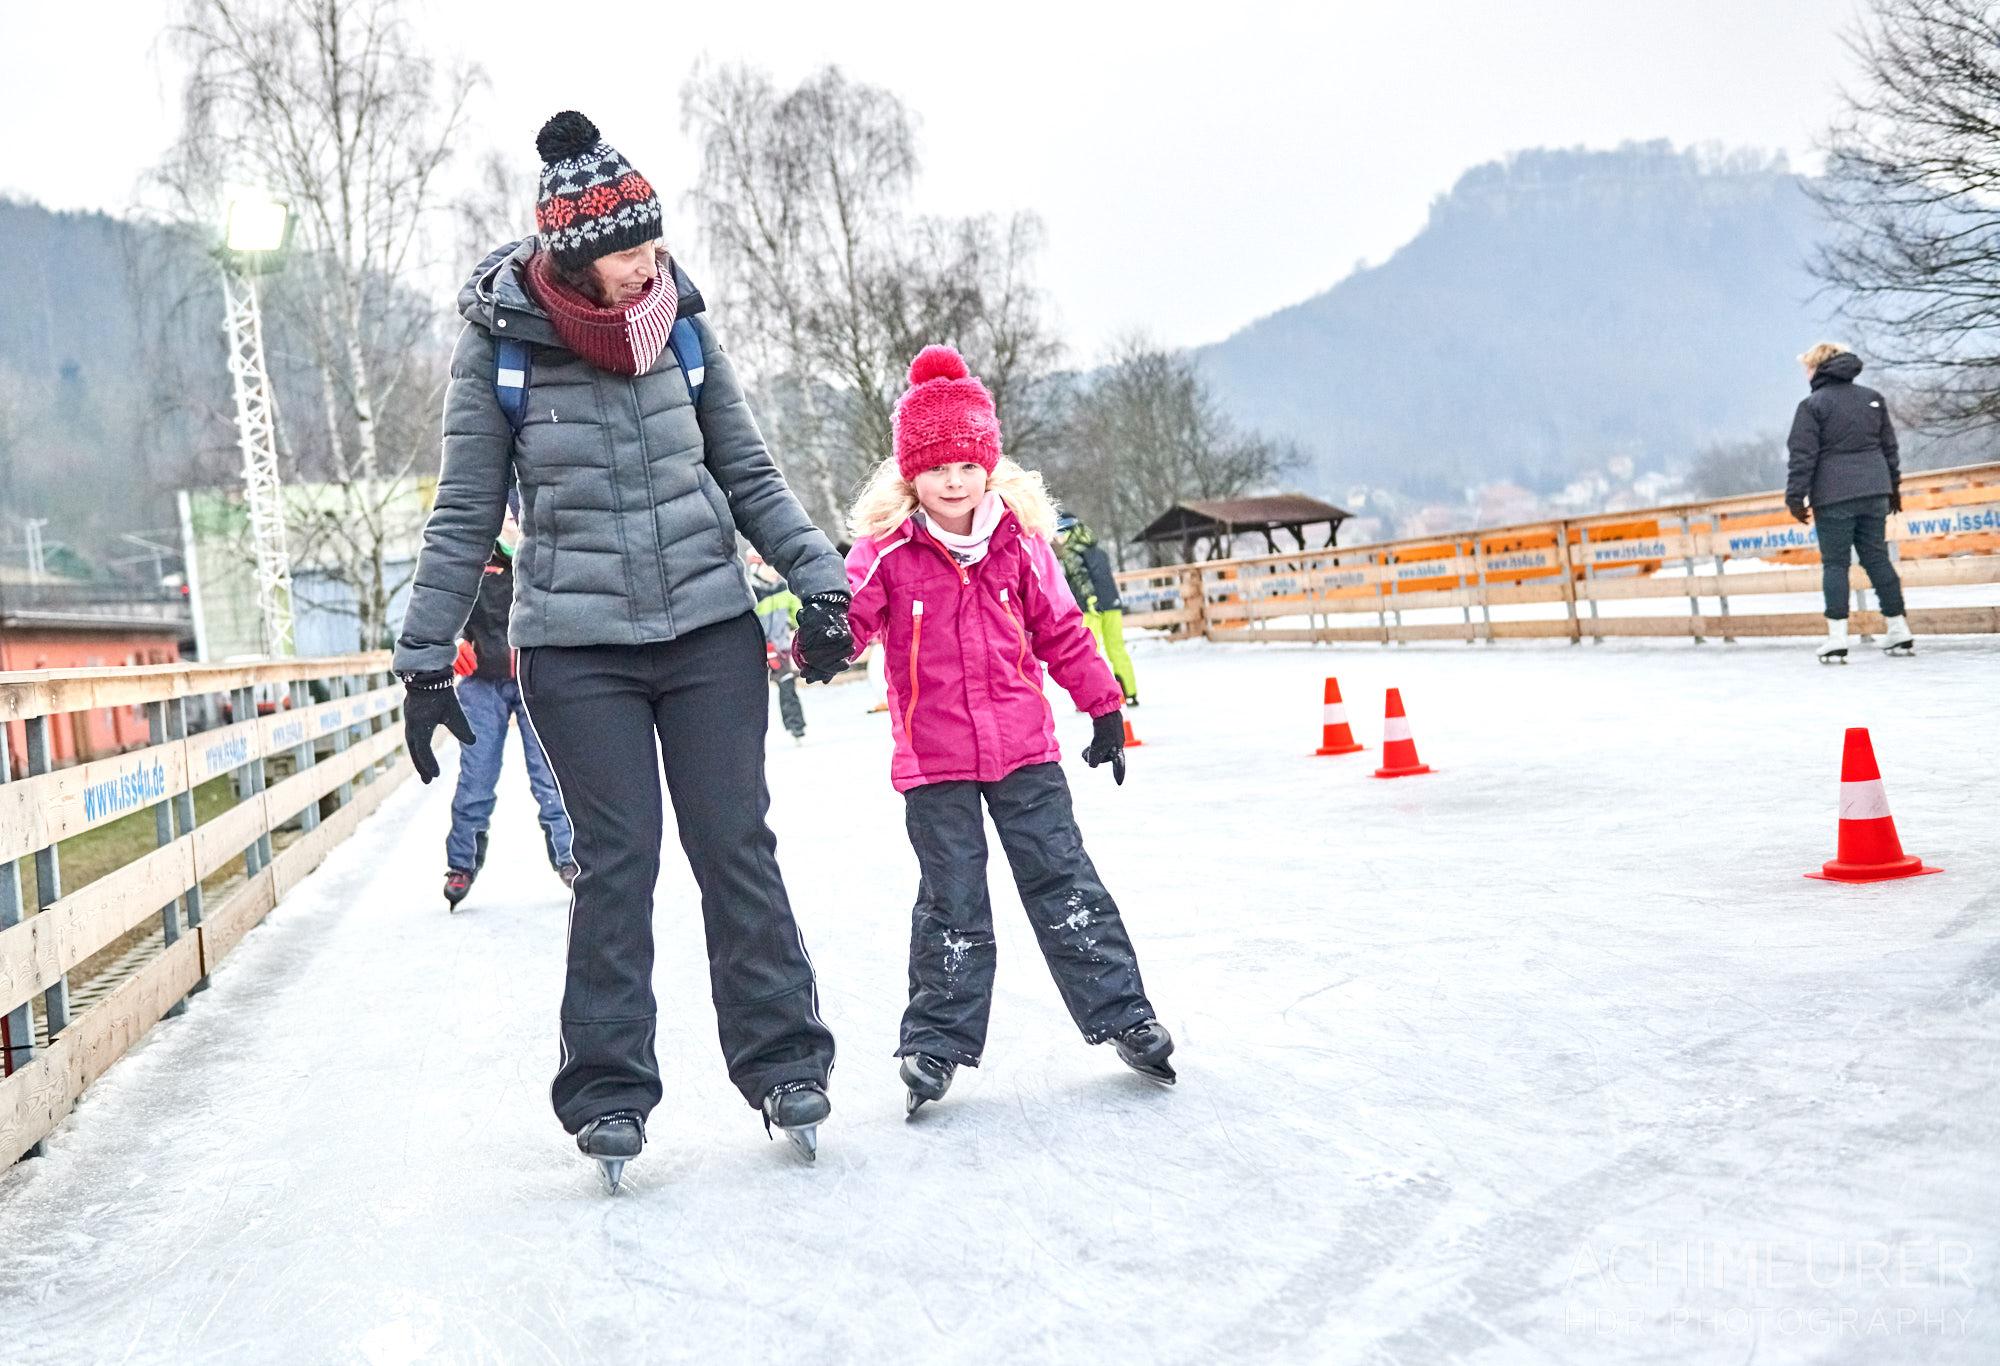 Eislaufen in Königstein, Sächsische Schweiz by AchimMeurer.com.